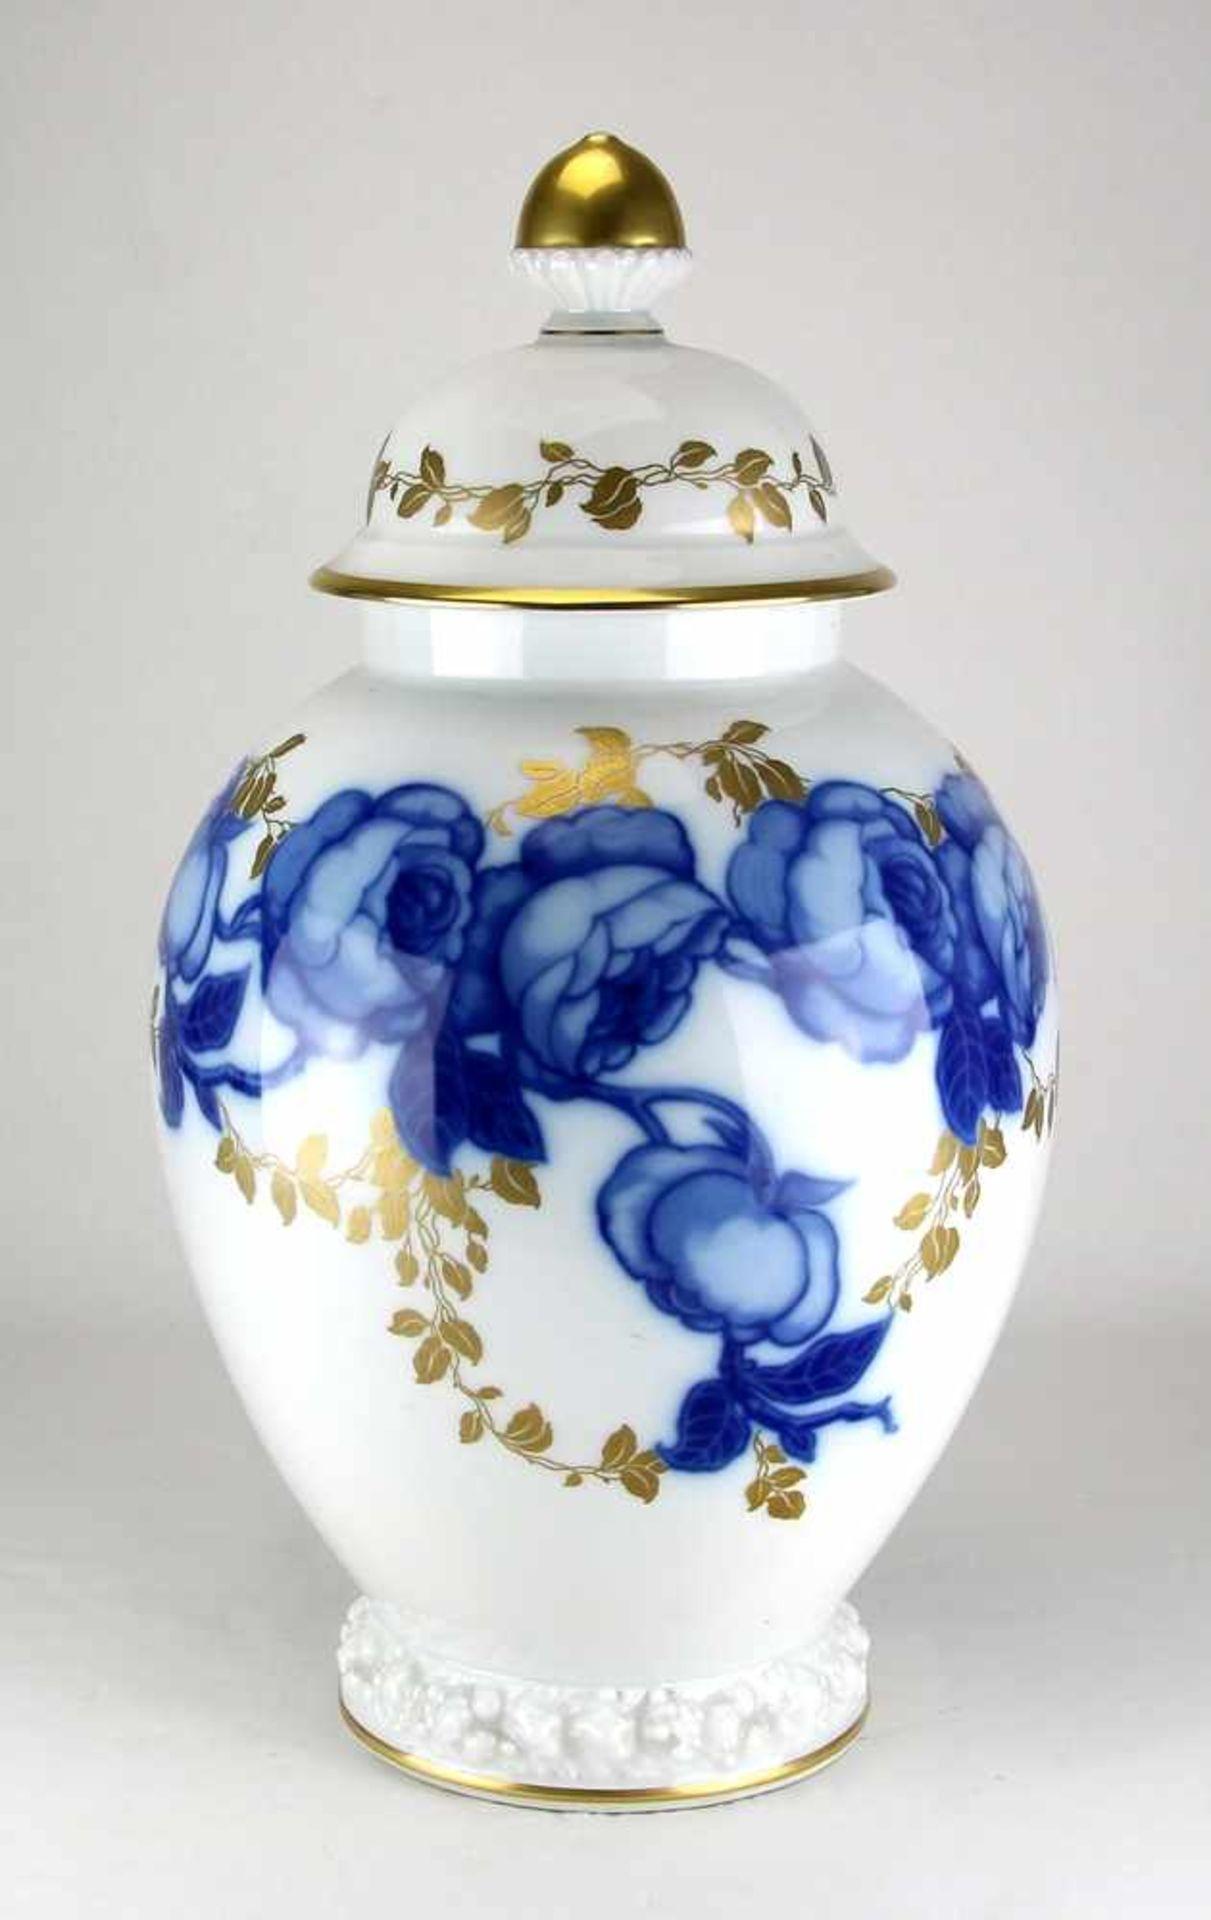 DeckelvasePhillip Rosenthal um 1930. Porzellan. Balusterform mit blauem Floraldekor und Goldauflage.